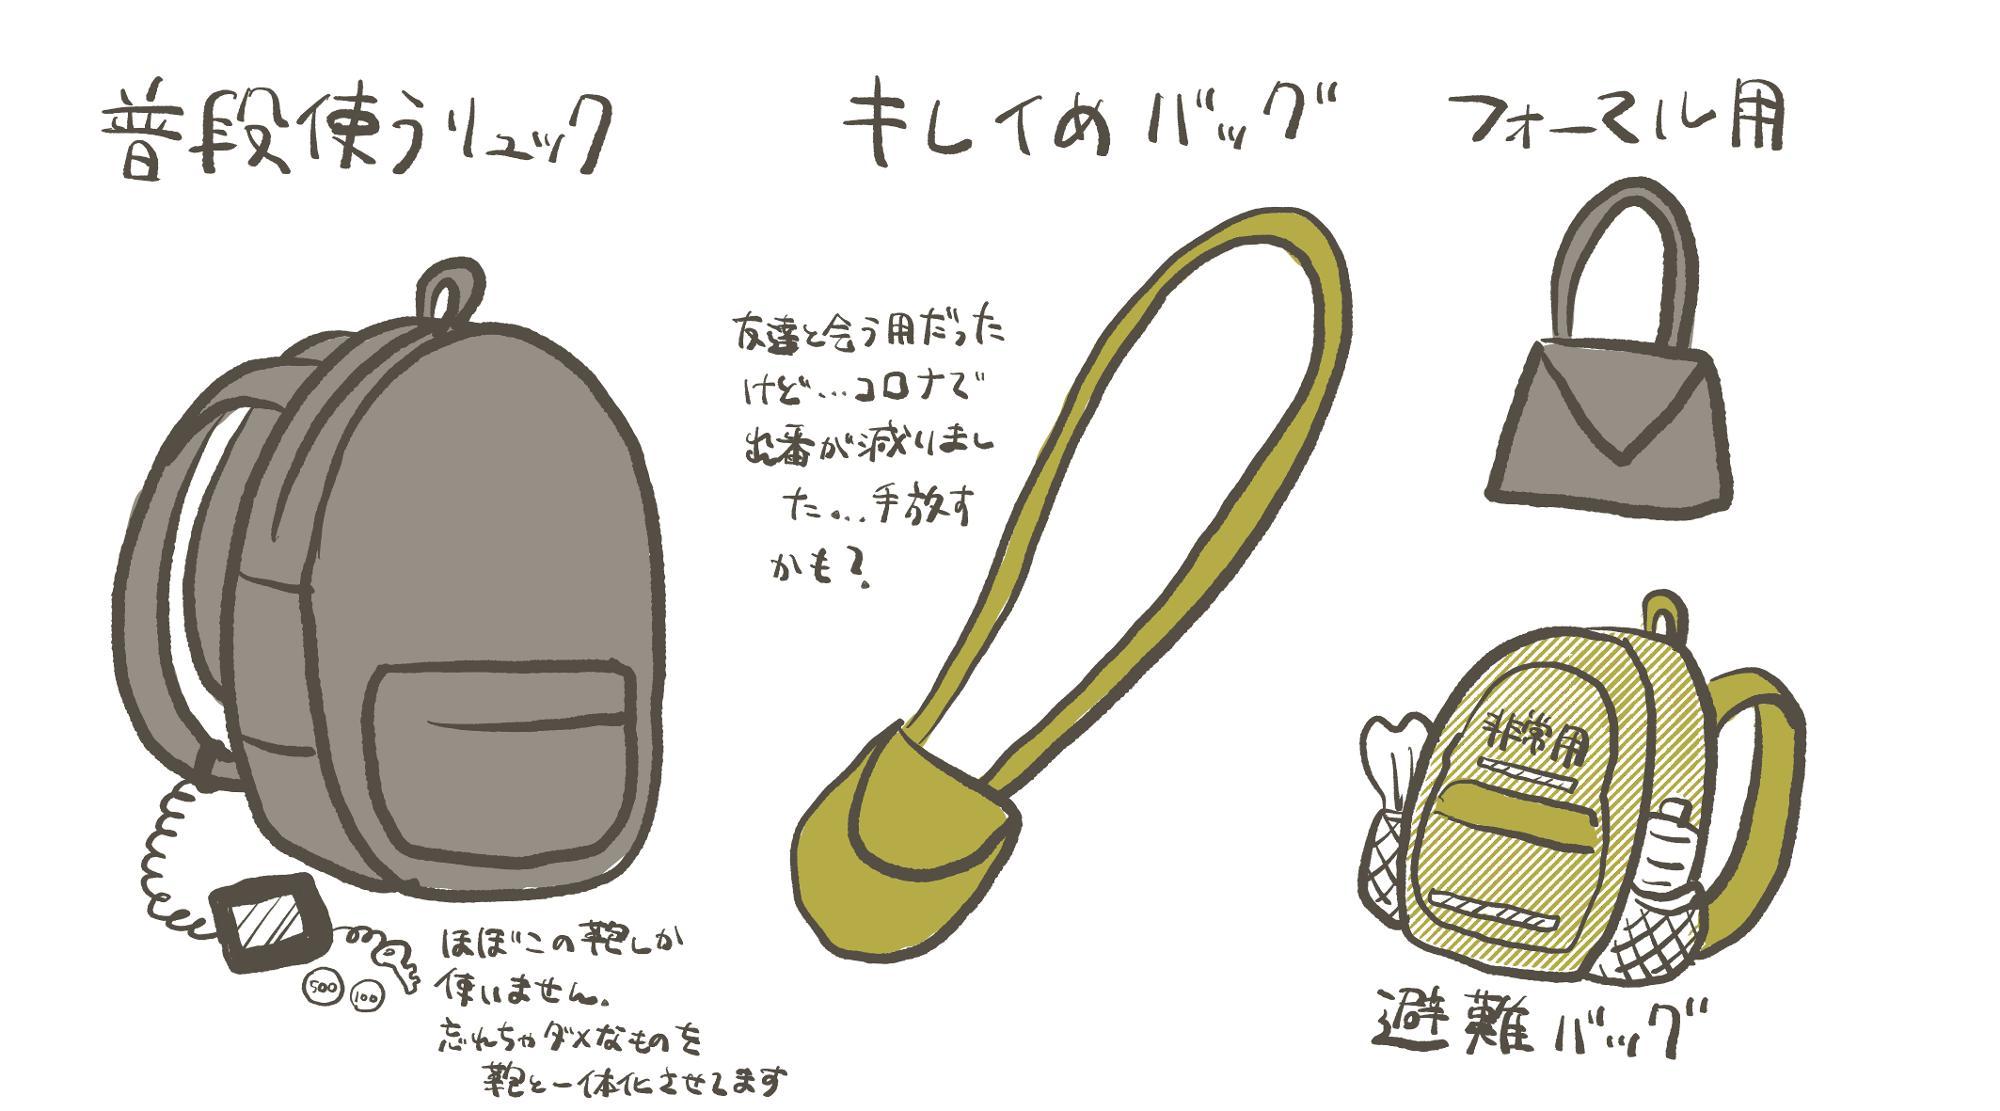 真ん中の鞄はコロナで使わなくなってしまい…もう買って10年以上経っていますし、近々手放すかもしれません。